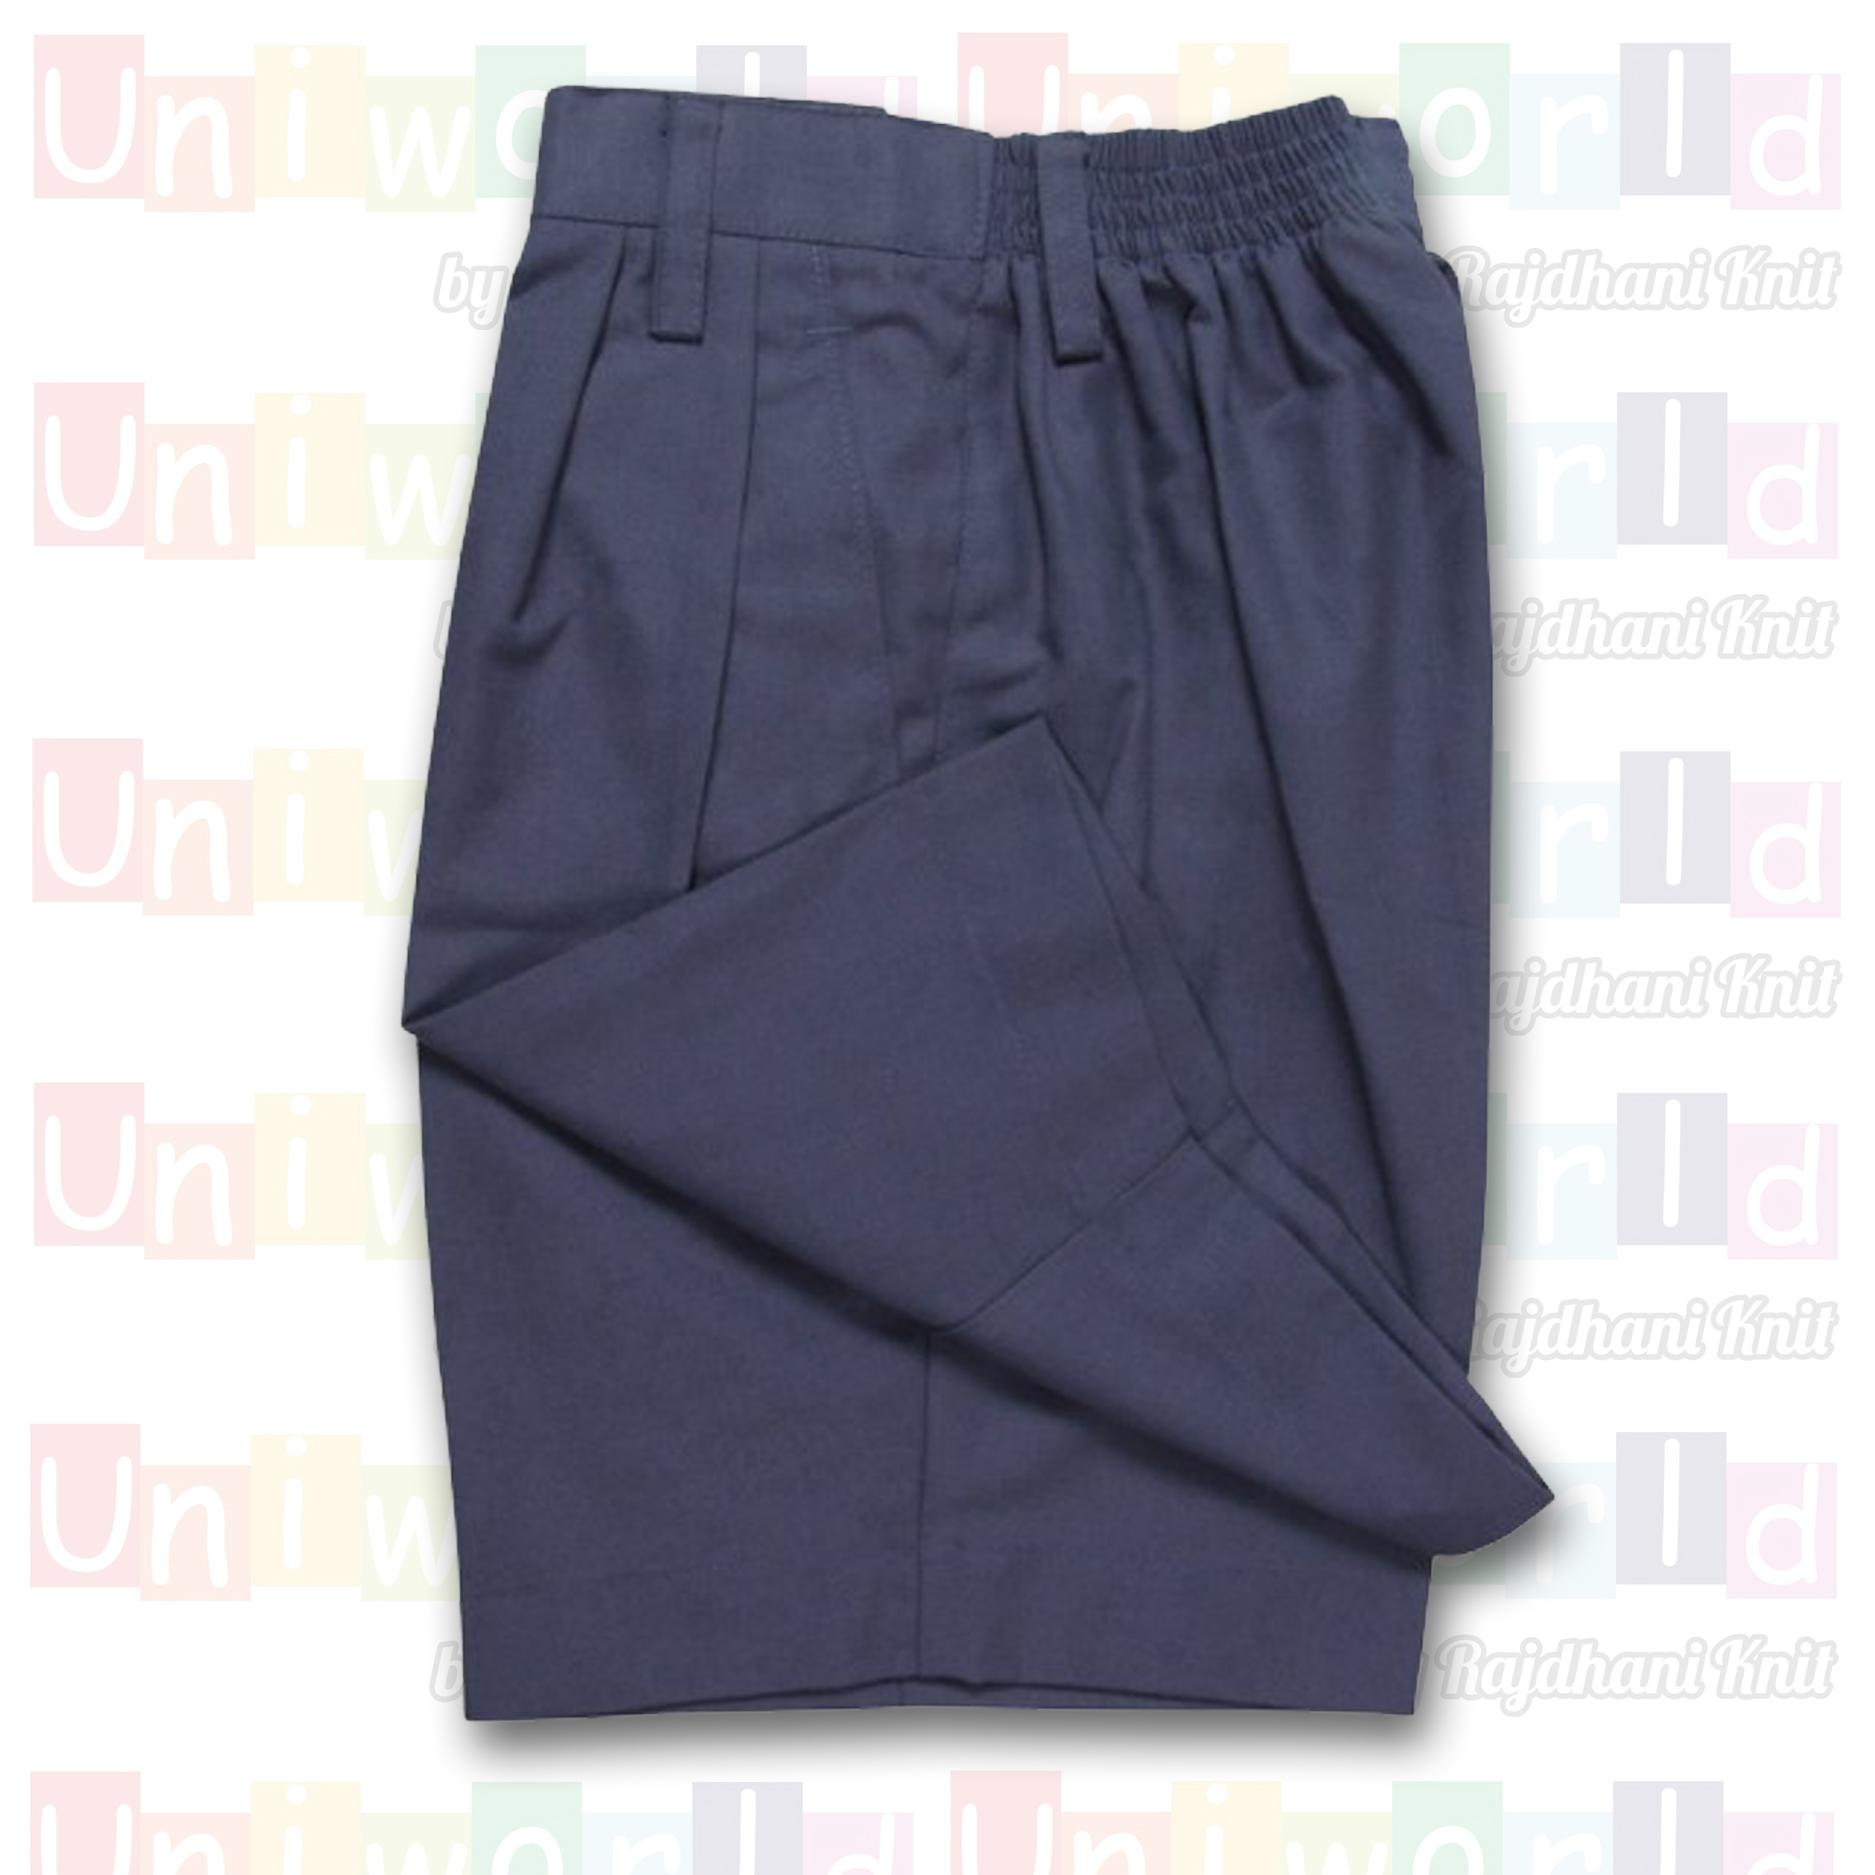 Uniform Cotton Shorts